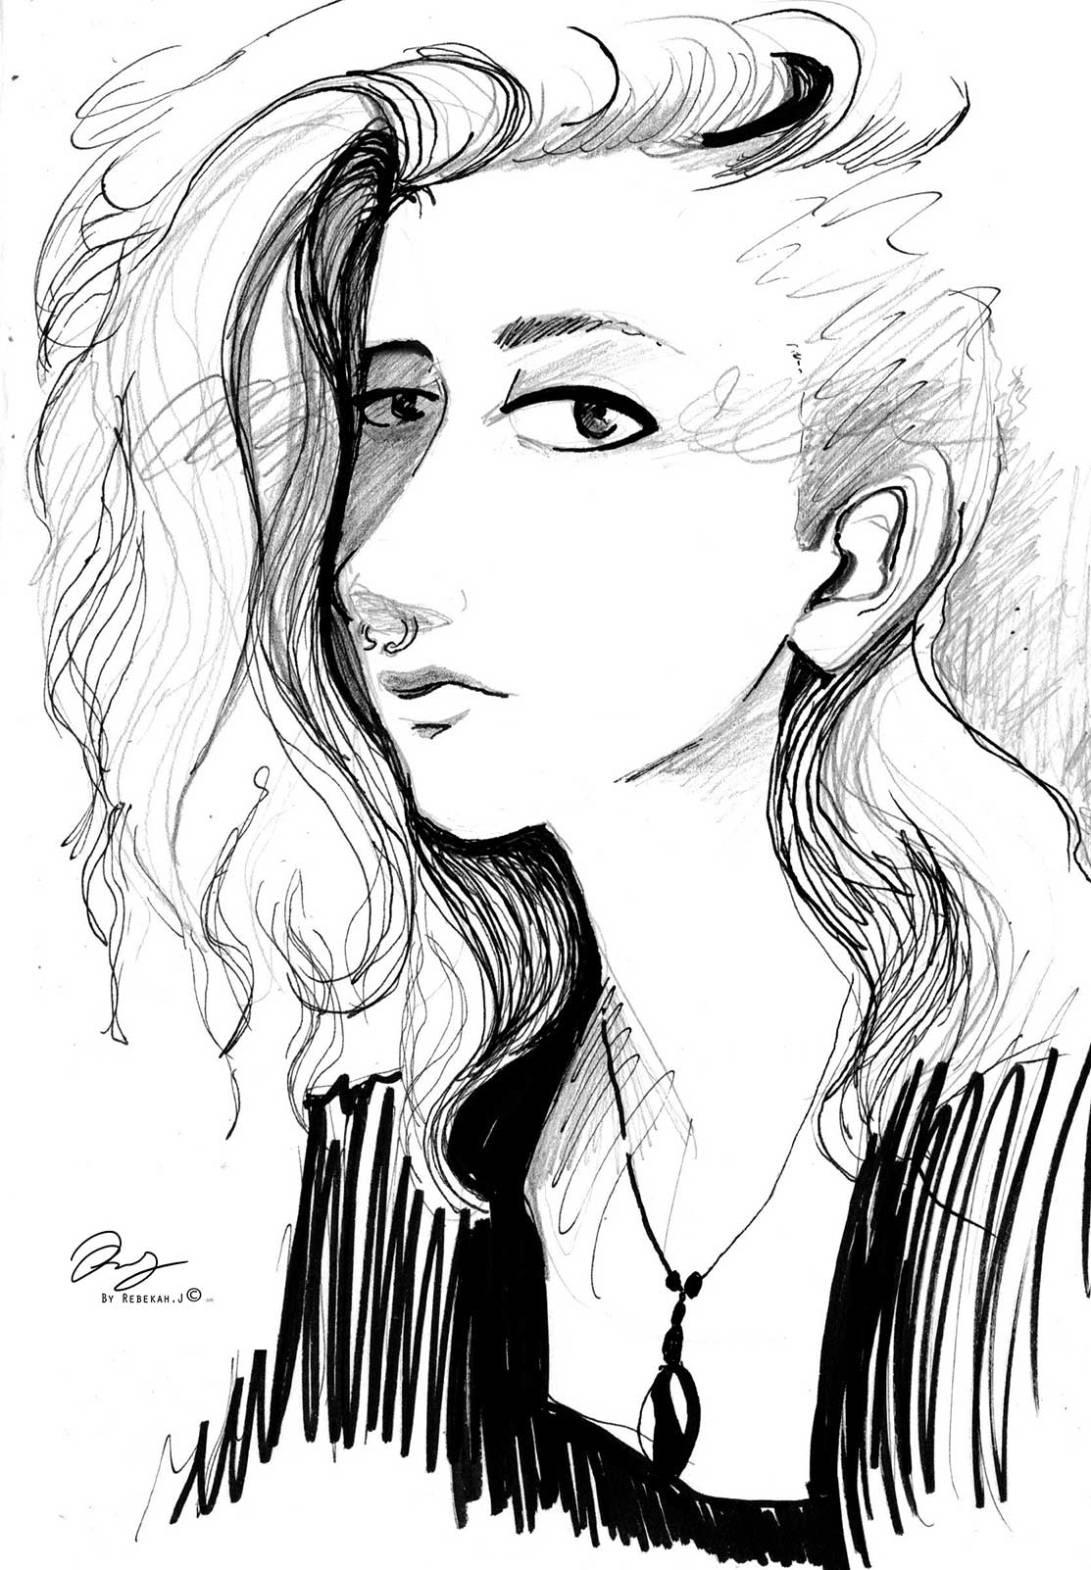 sketchbook sketch by Rebekah Joseph, 2016